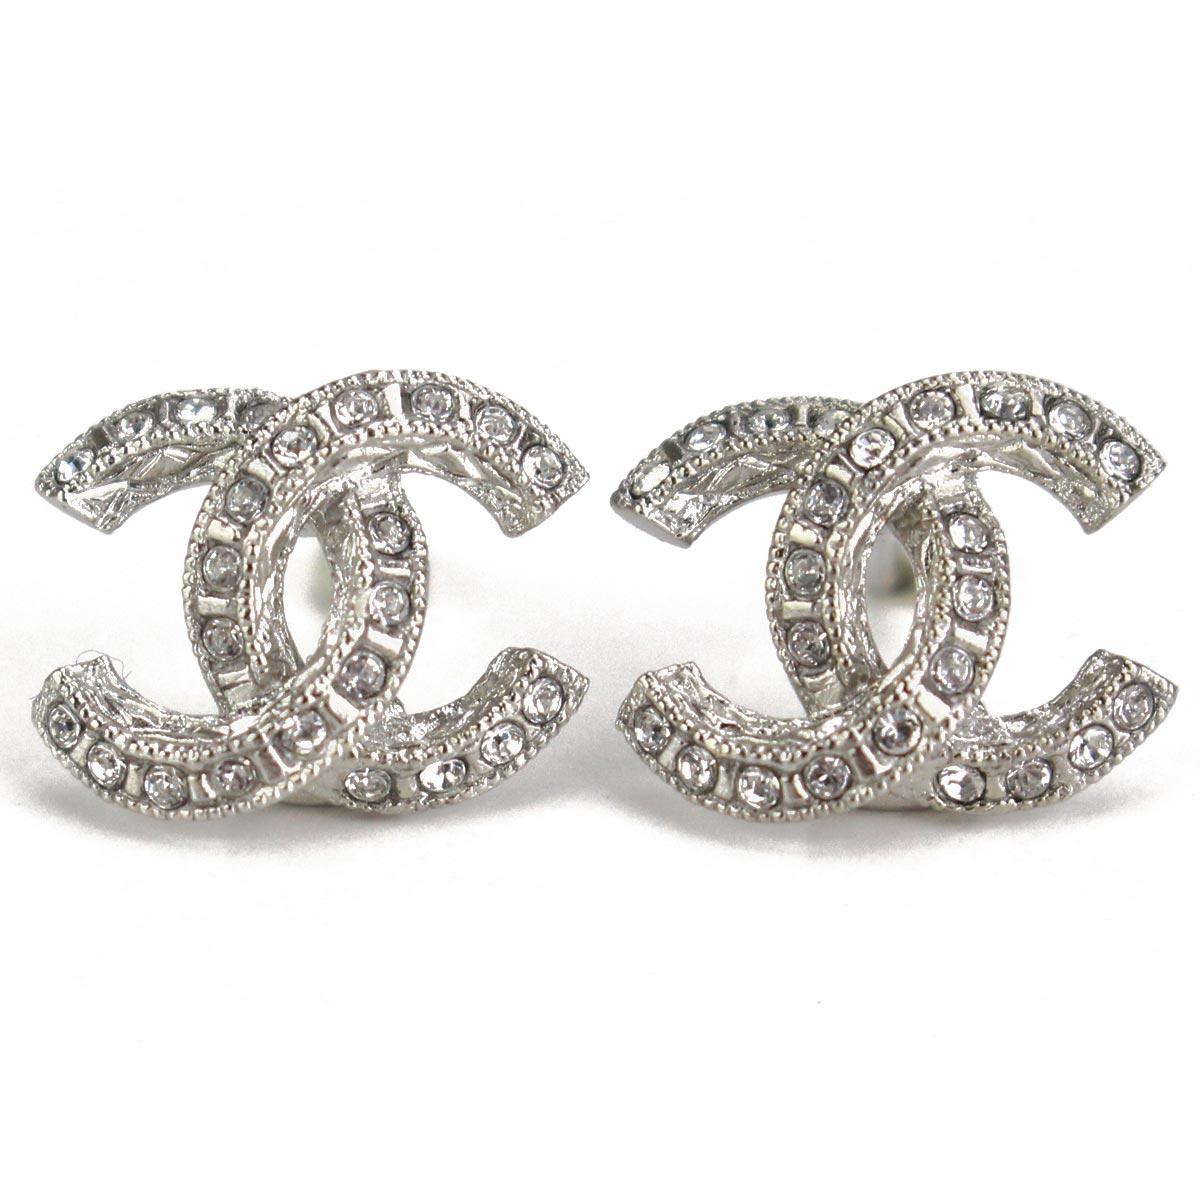 Hit The Total Brand Whole Chanel Rhinestone Here Mark Pierced Earrings A45628 Silver Zirconia Rakuten Global Market